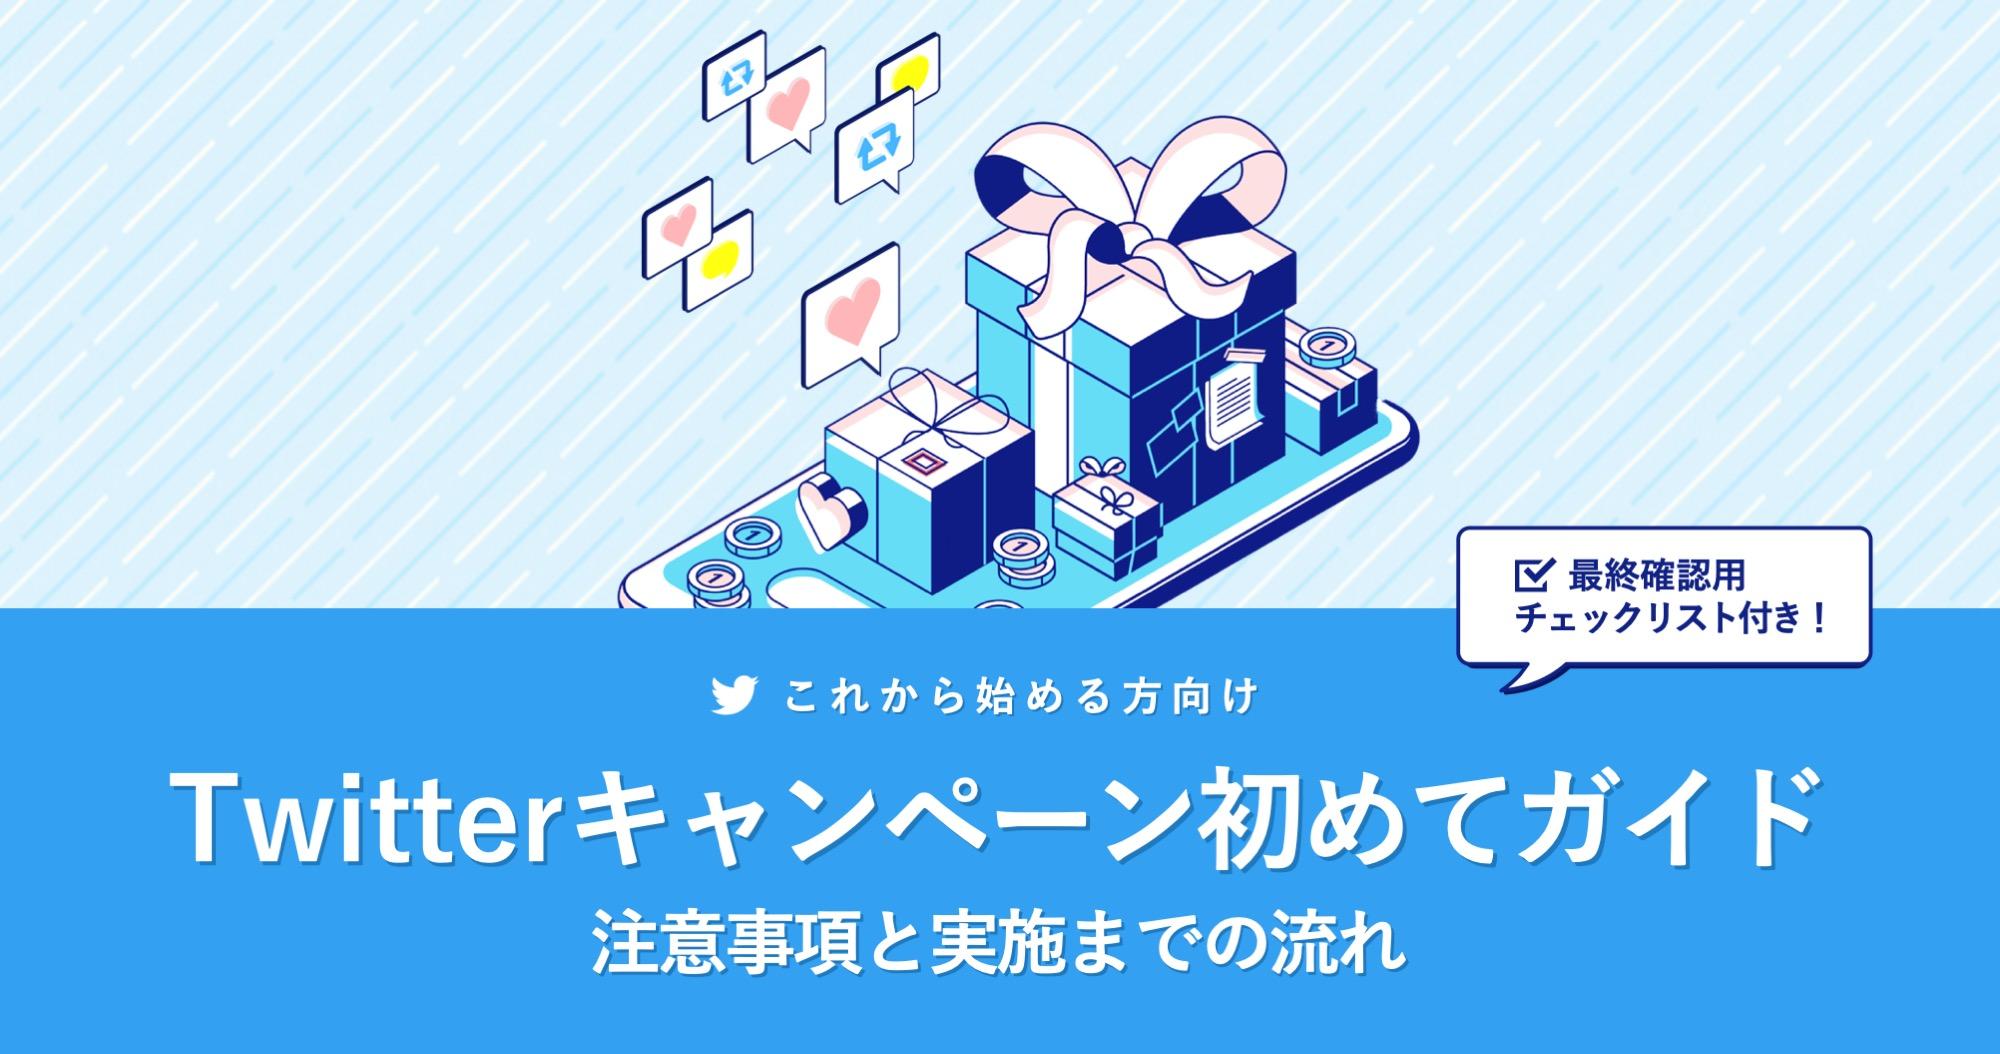 Twitterキャンペーン初めてガイド